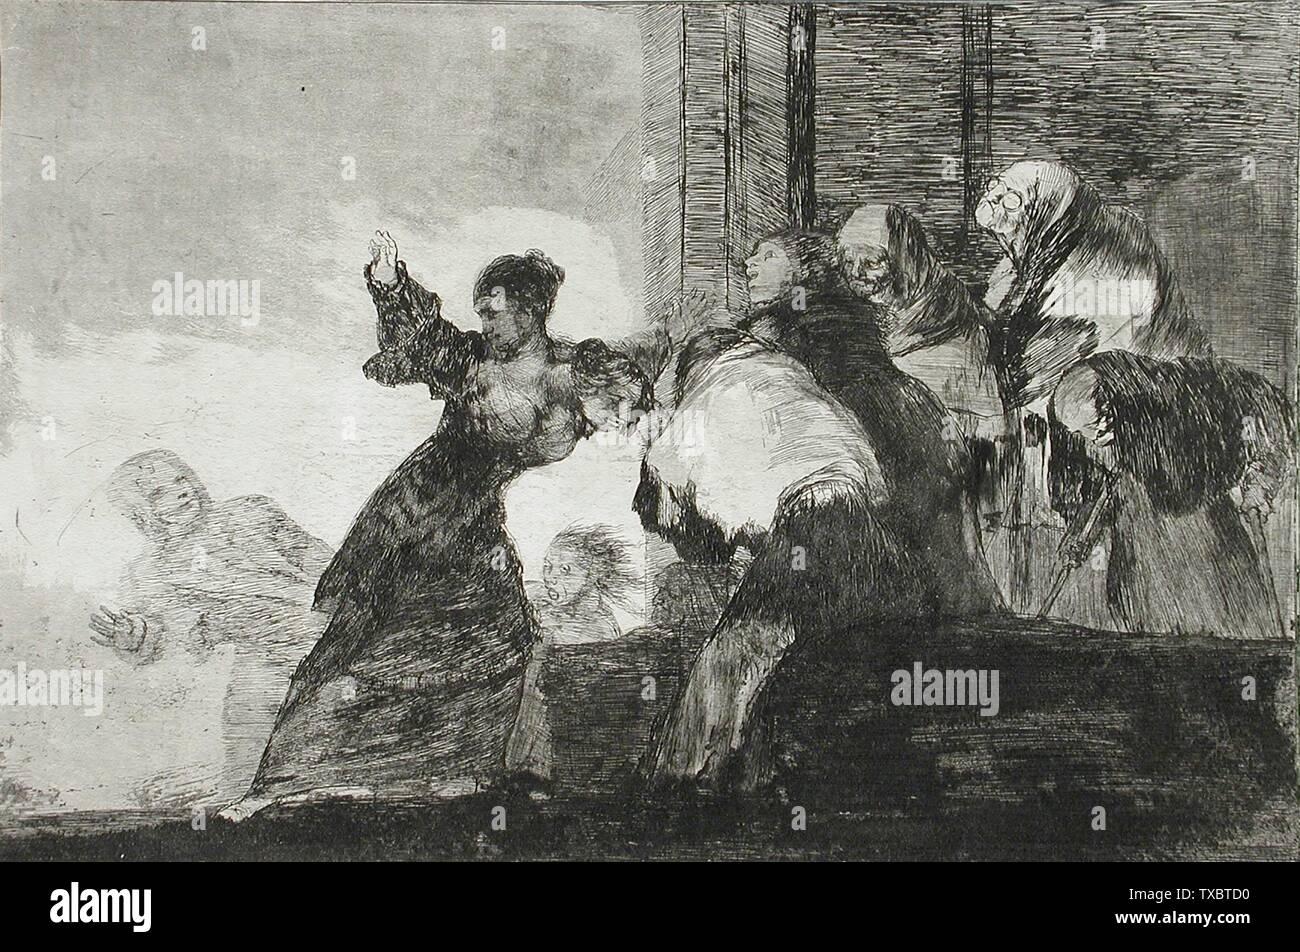 """""""Pobres locura; en inglés: España, circa 1815/1816-1823 título alternativo: pobre Series dispares: Los Disparates, placa 11 copias; grabados Aguafuerte, Aguatinta y Punta Seca del fondo del Condado de Los Angeles (65.2) grabados y dibujos; circa 1815 fecha QS:P571,+1815-00-00T00:00:00Z/9,P1480,Q5727902/1816-1823; ' Imagen De Stock"""